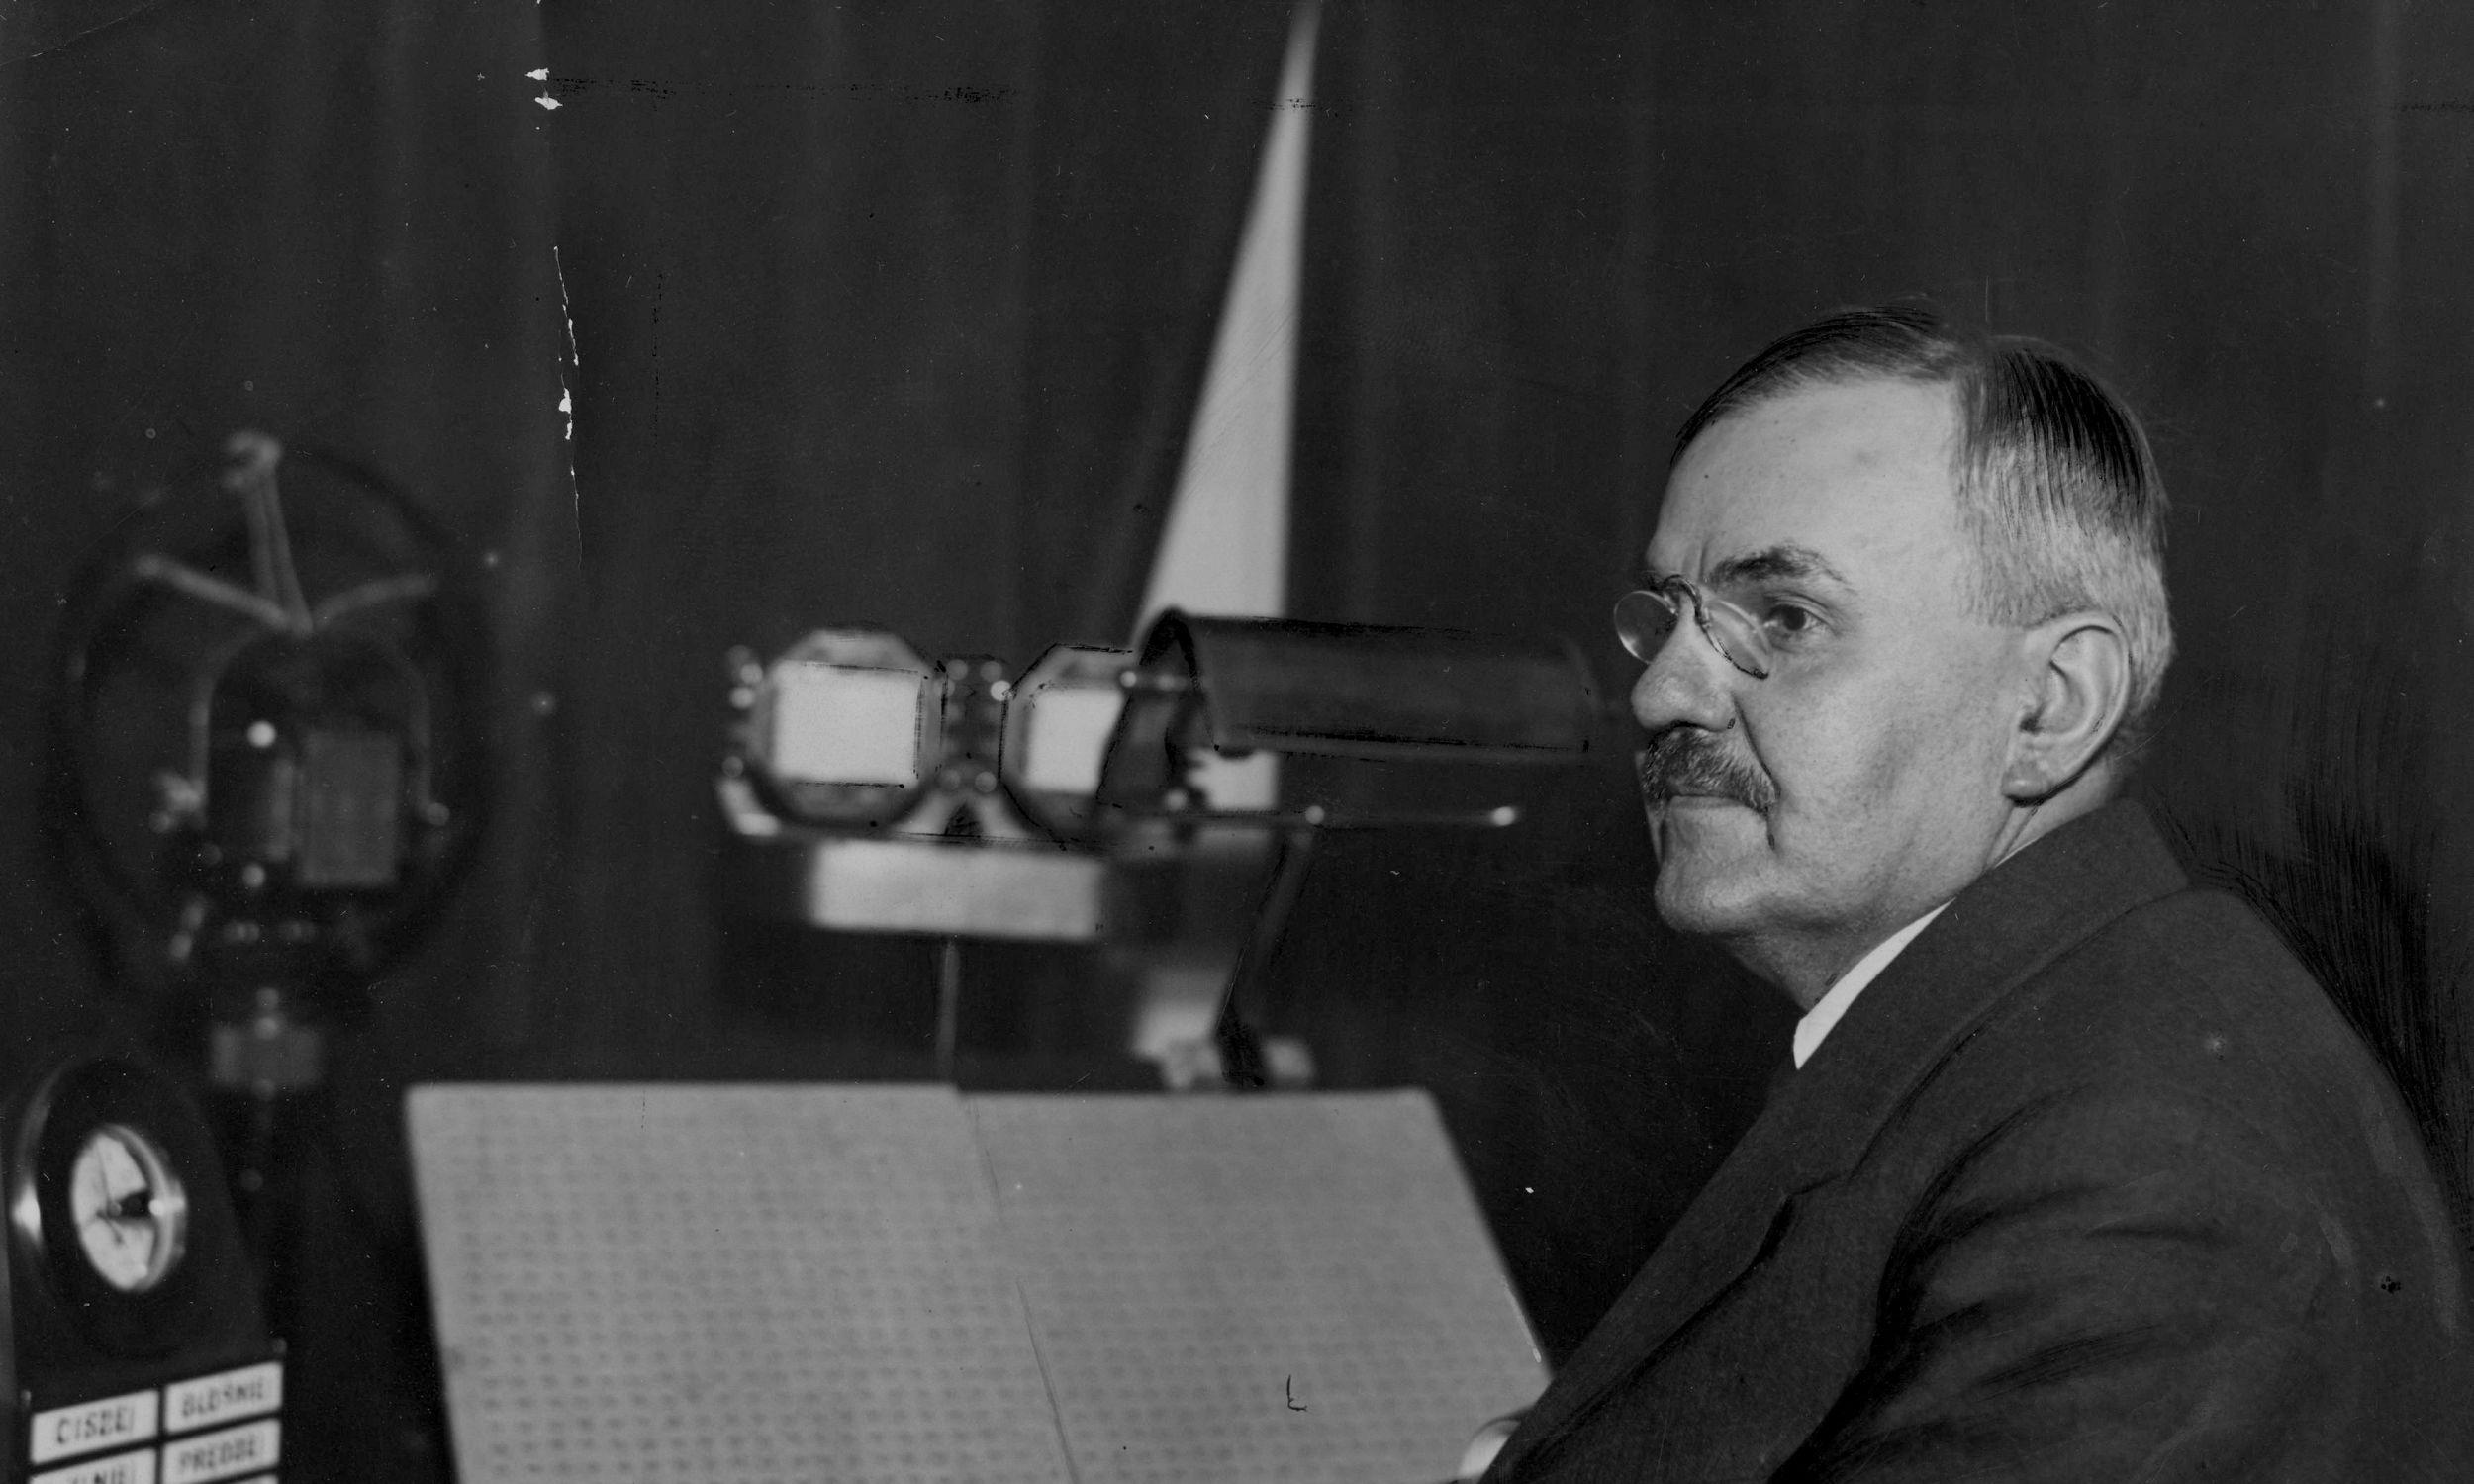 Po odzyskaniu niepodległości w Polsce obowiązywały trzy zaborcze systemy płatnicze. W 1919 roku Sejm ustanowił polską walutę – złotego, dzielonego na 100 groszy – ale aż do 1924 r. w obiegu była marka polska, wprowadzona na terenie Królestwa Polskiego w trakcie I wojny światowej przez niemieckie władze. Zmieniła to reforma walutowa Władysława Grabskiego – polityka narodowej demokracji, ekonomisty i historyka, ministra skarbu i dwukrotnego premiera II RP. Tu w 1931 r. Fot. NAC/IKC, sygn. 1-N-195